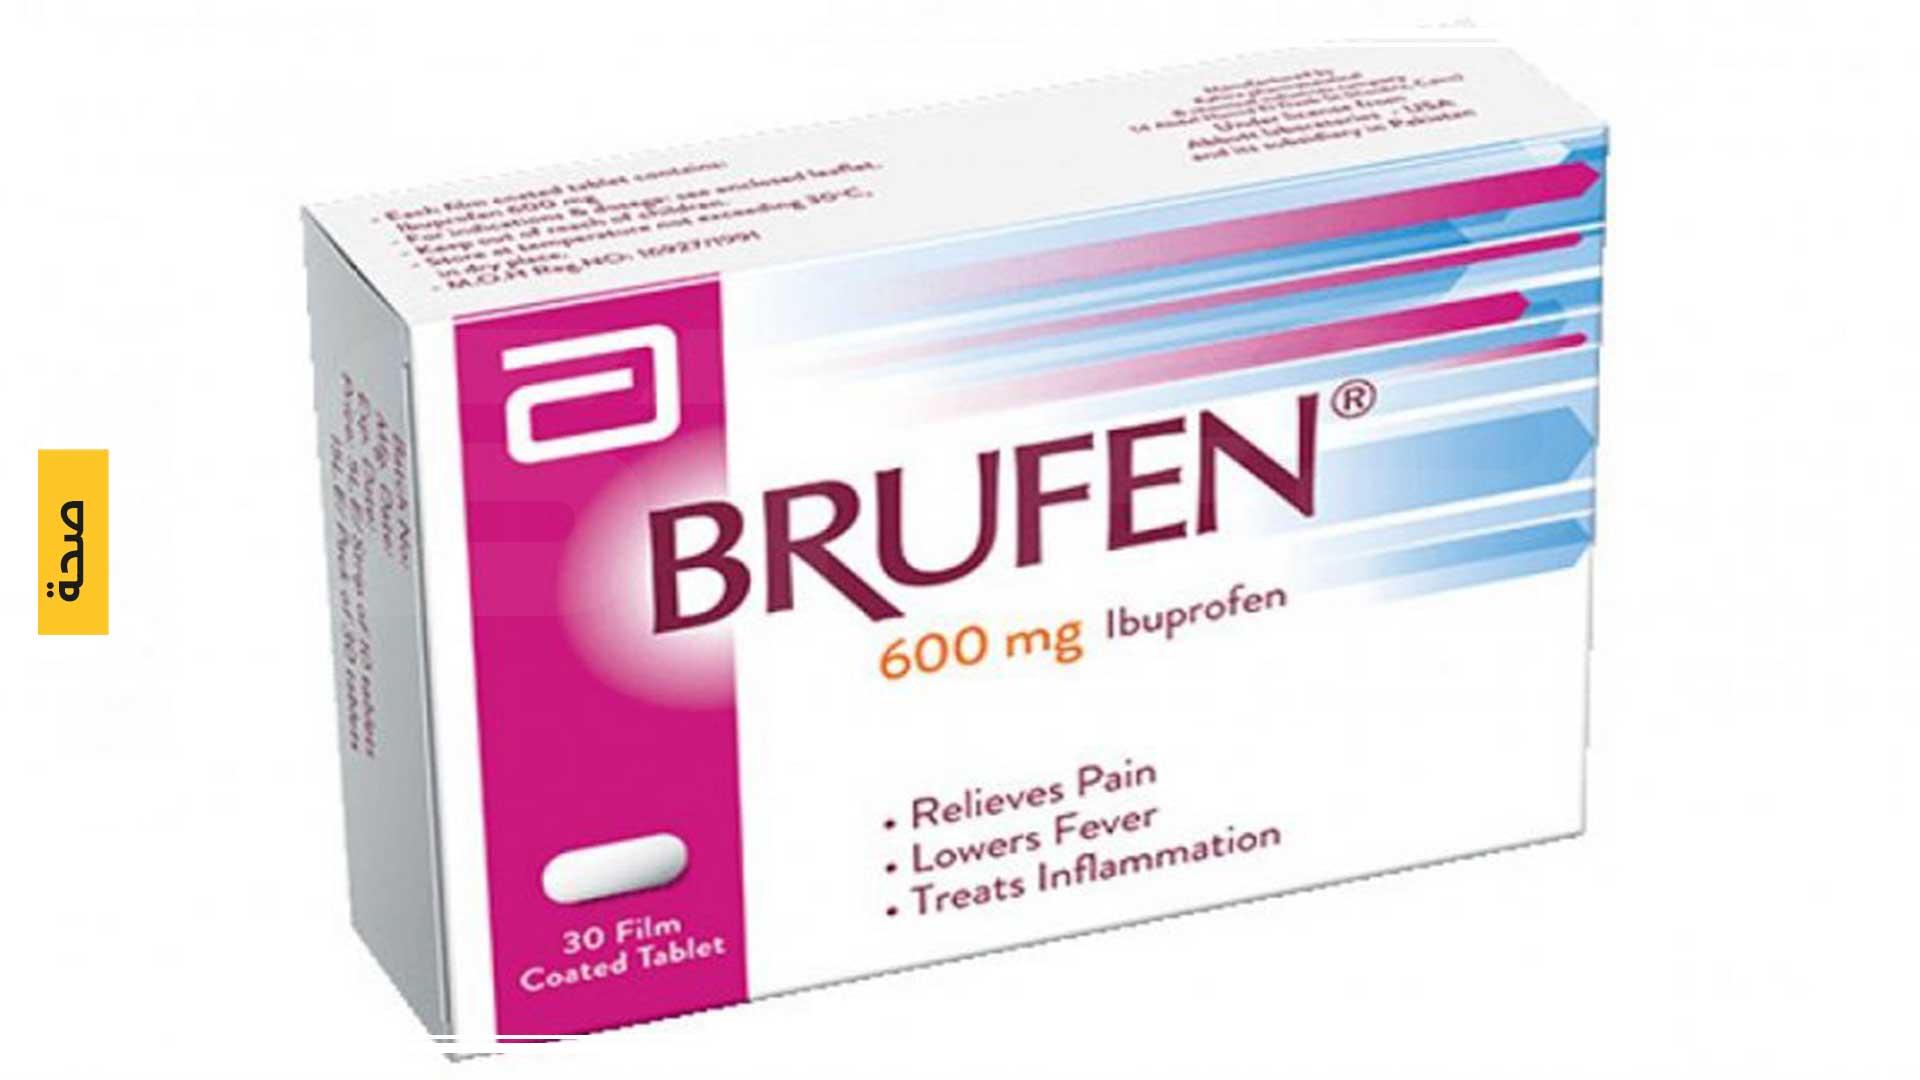 حبوب بروفين Brufen مسكن للآلام وكالة ستيب الإخبارية